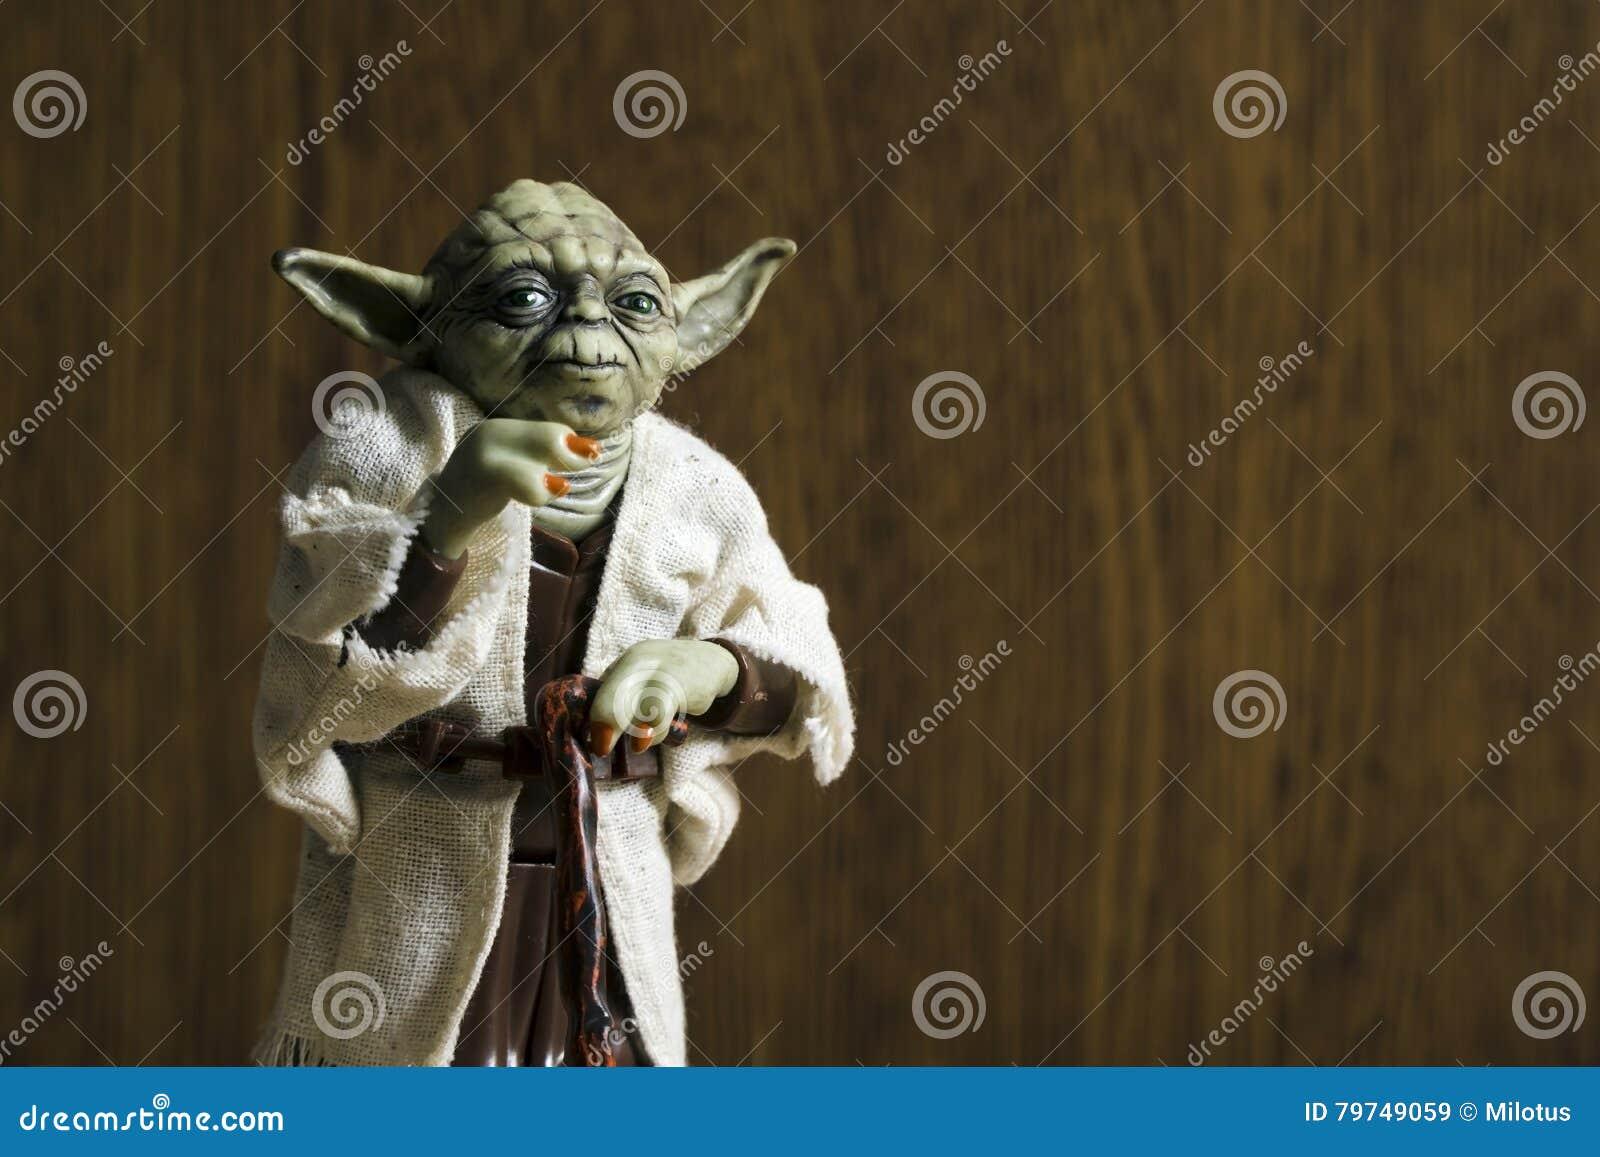 Vorlagen-Joda Action Figure Vom Star Wars-Film Redaktionelles ...